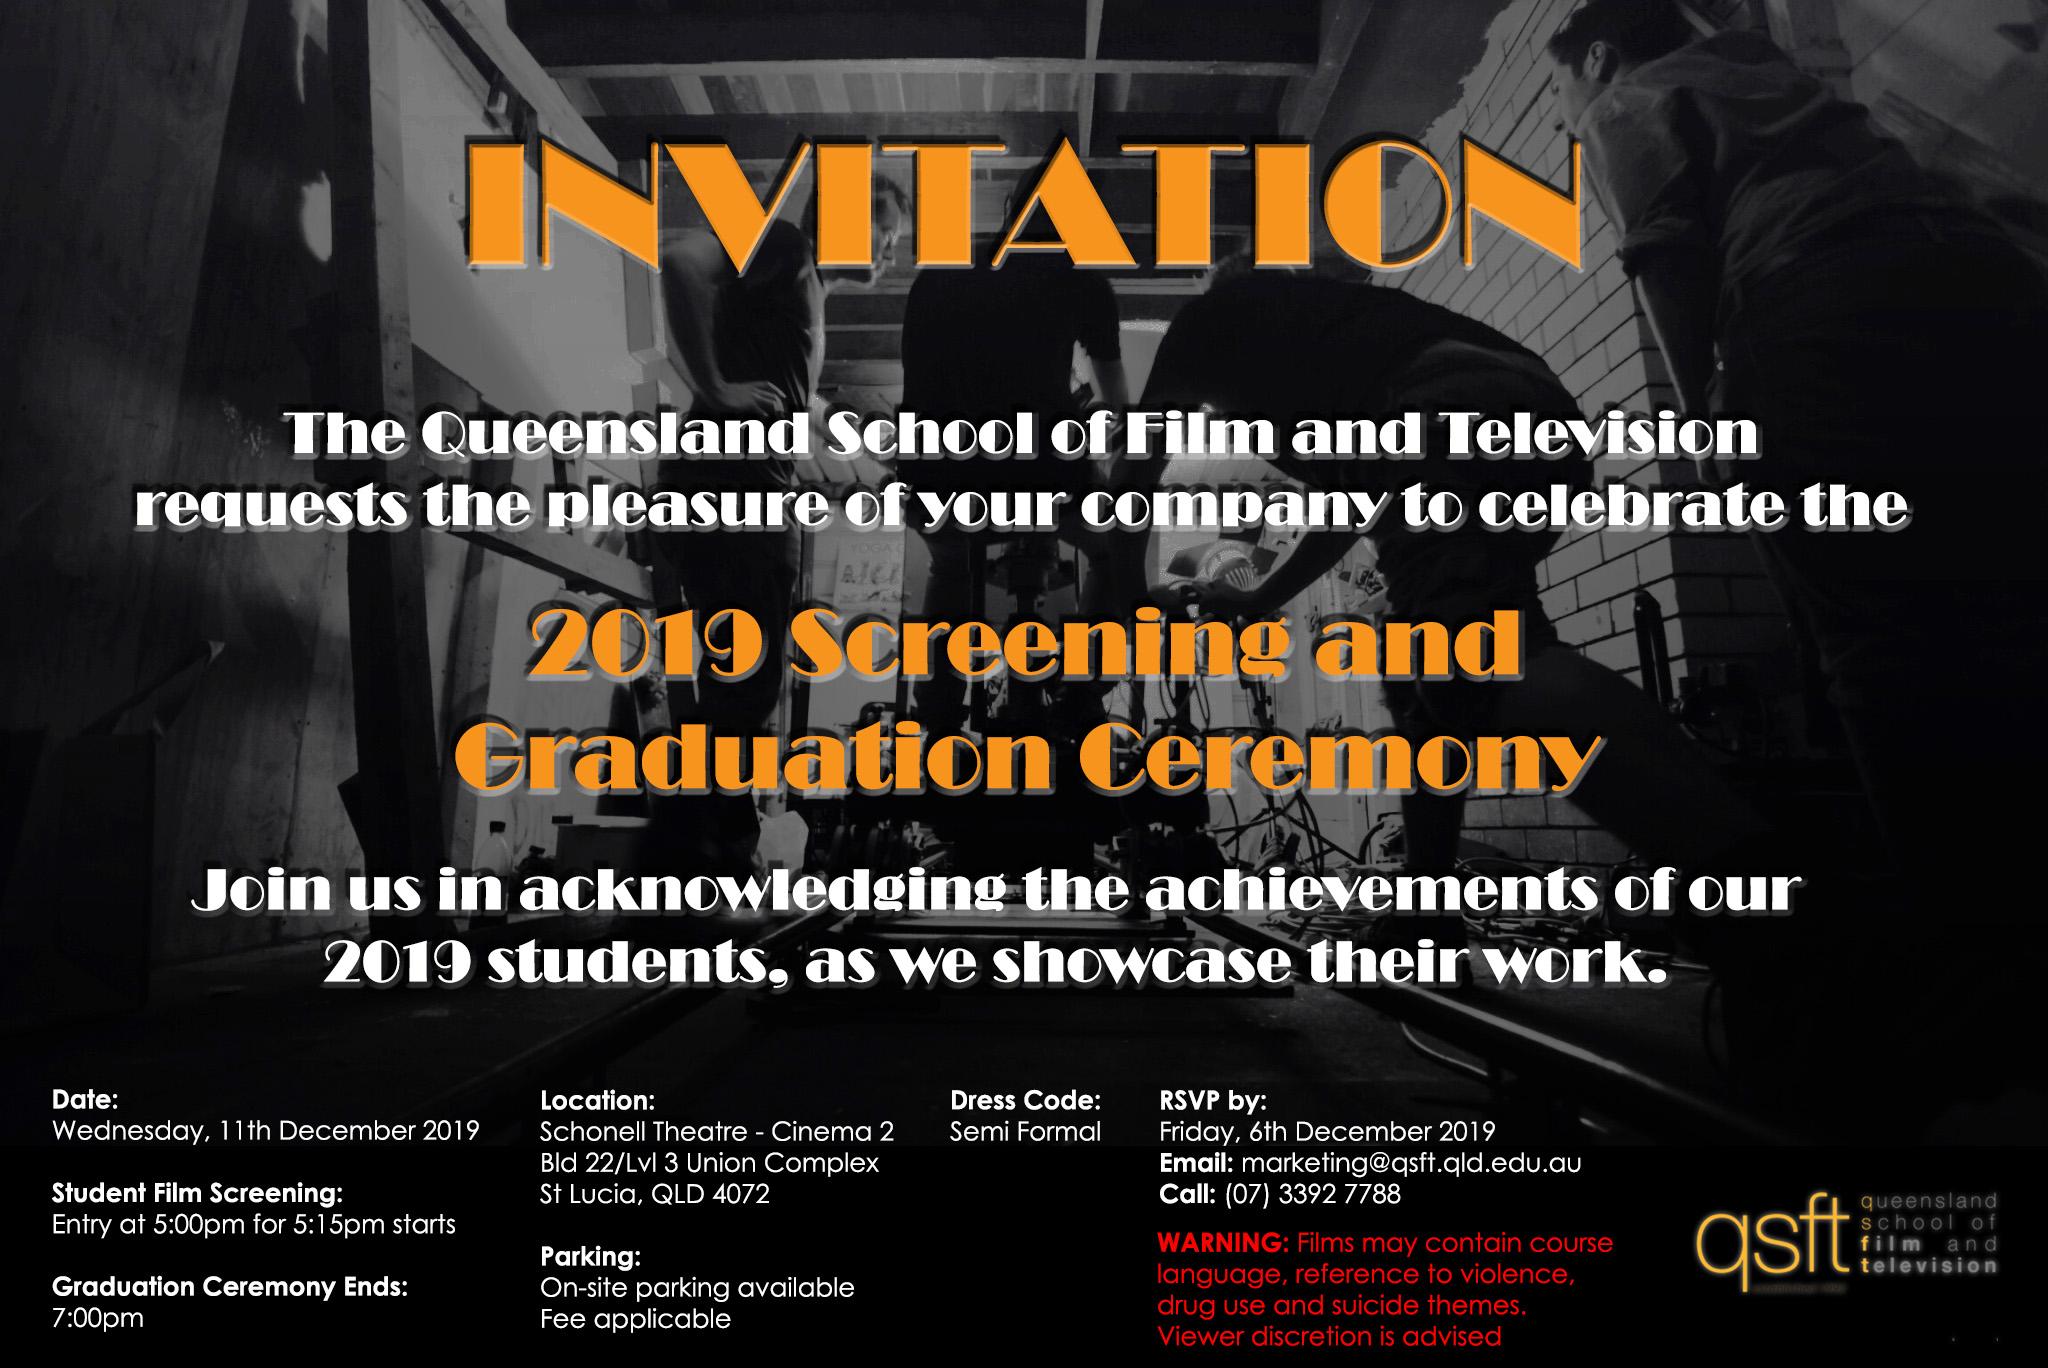 IMG_Invite_Students n Crew